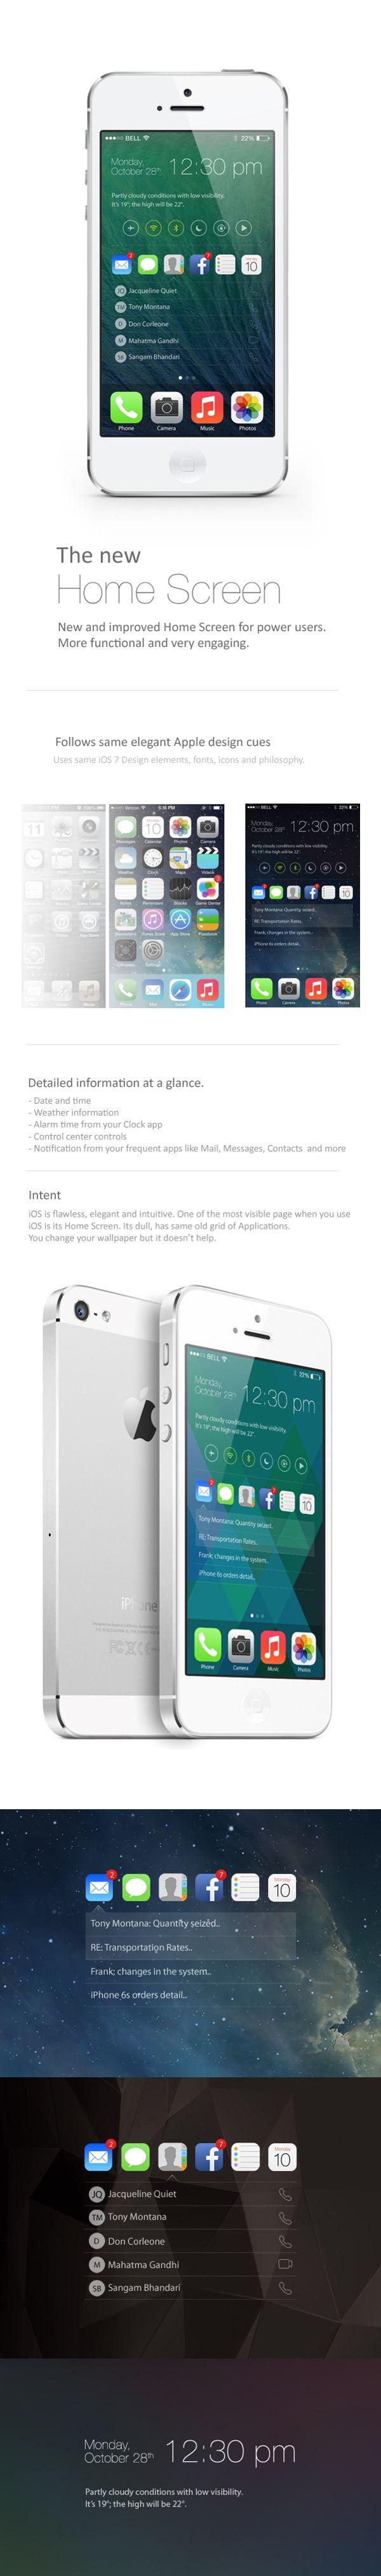 iOS-Home-Screen-Concept-ios8